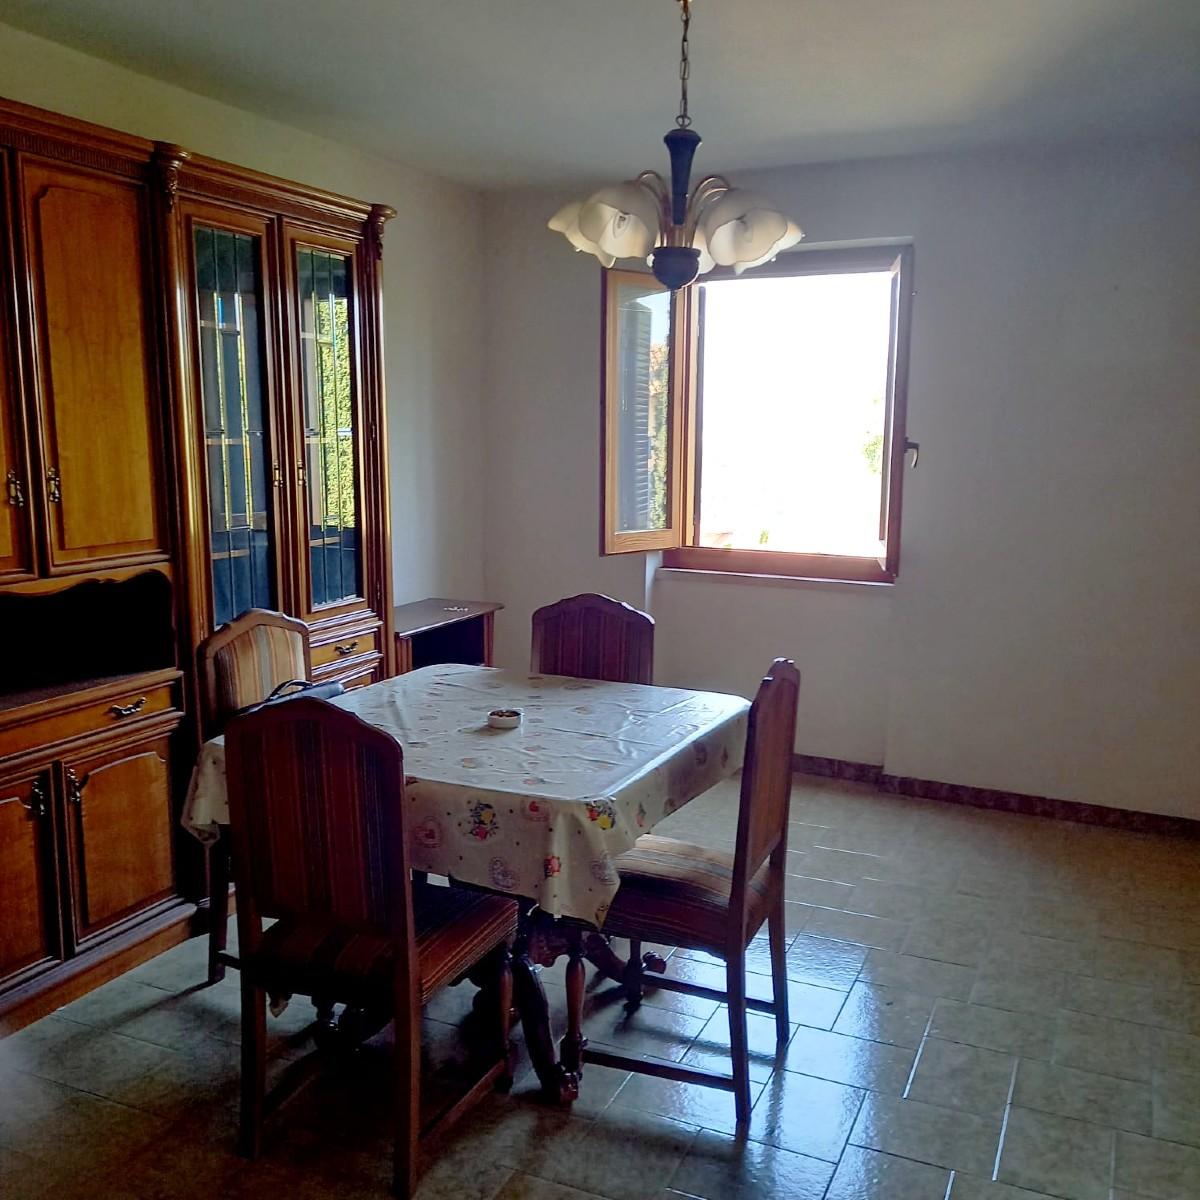 Monteleone Sabino appartamento con piccolo giardino di proprietà (Rif.2262)